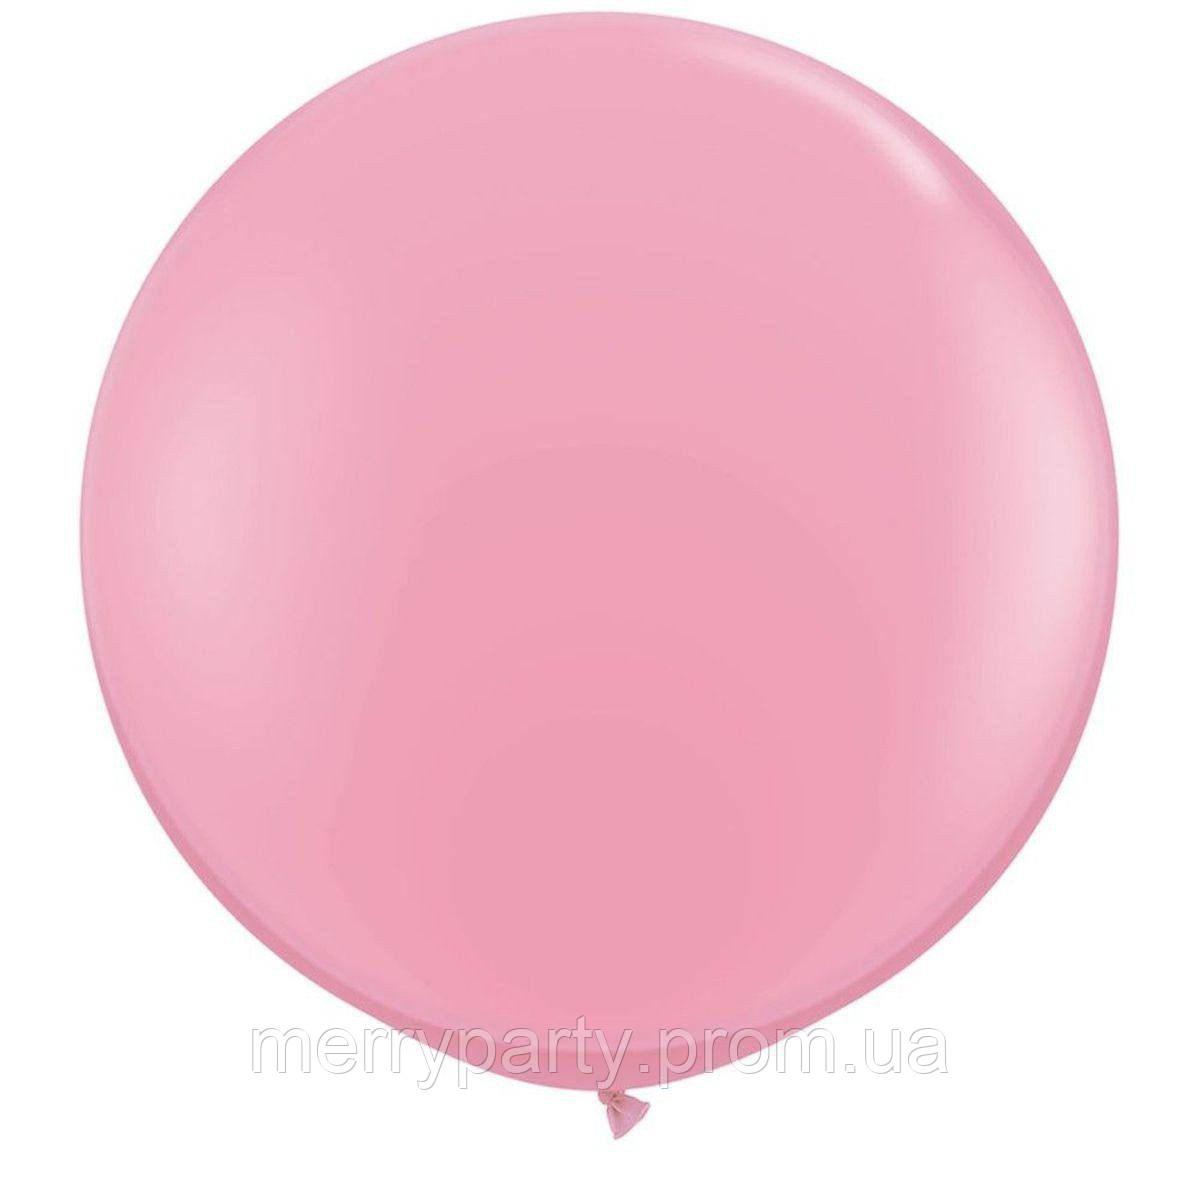 """36"""" (100 см) пастель нежно-розовый Pink Qualatex США латексный шар"""